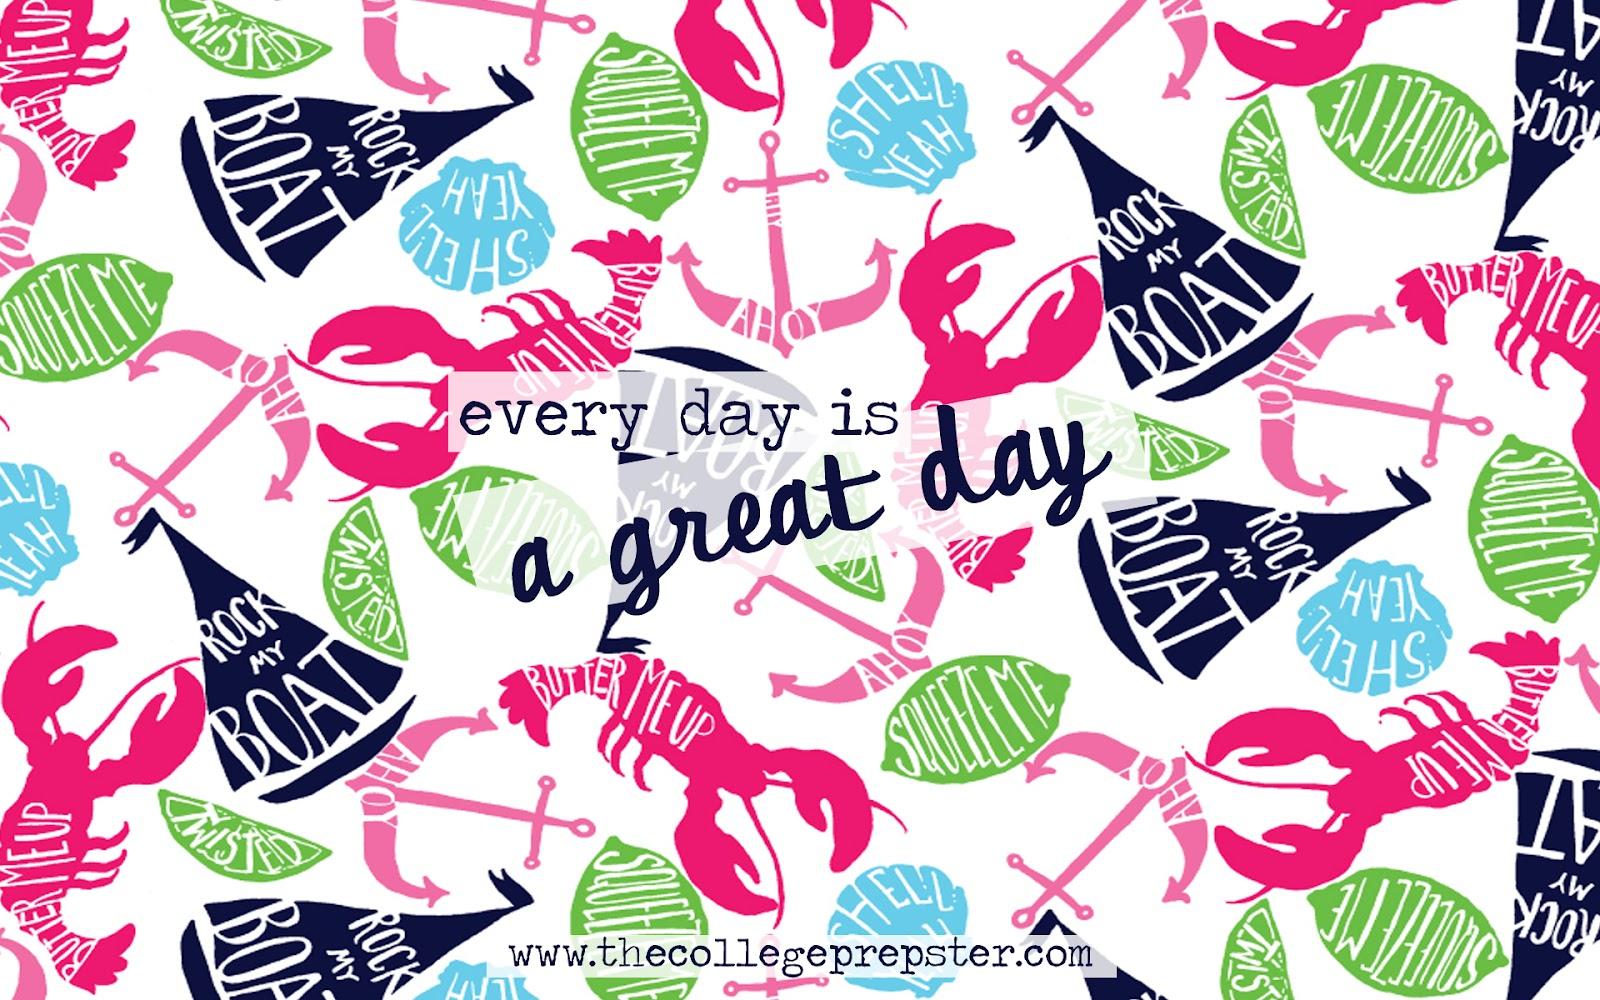 http://2.bp.blogspot.com/-TPIHehdoSRU/T9DzmsCBzoI/AAAAAAAAJDQ/7f-aYptEgB4/s1600/Wallpaper%2BGreat.jpg